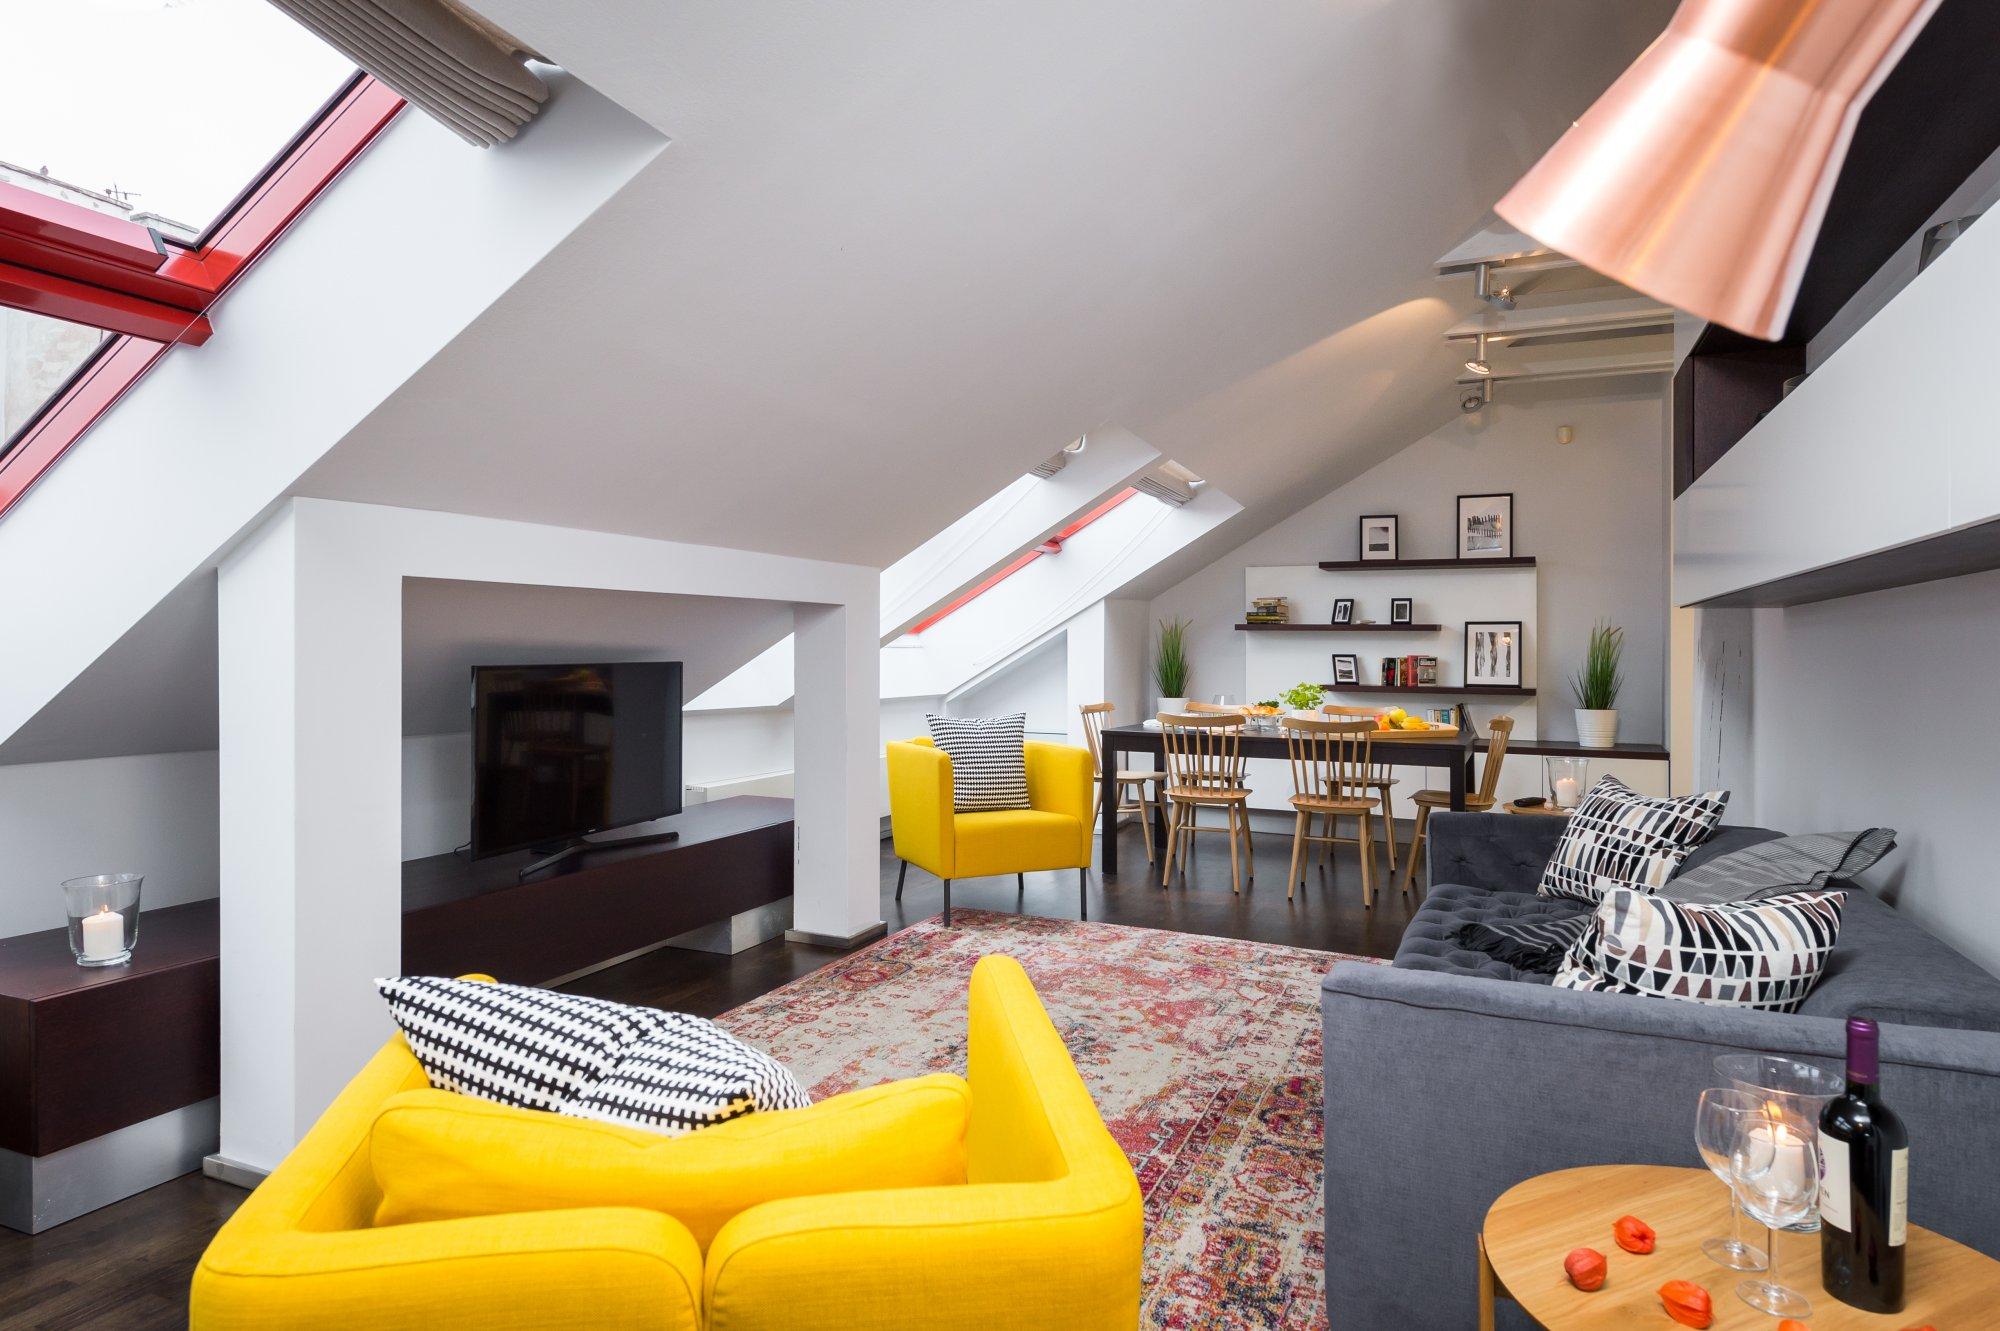 Půdní byt 3+kk, plocha 165 m², ulice Školská, Praha 1 - Nové Město | 2